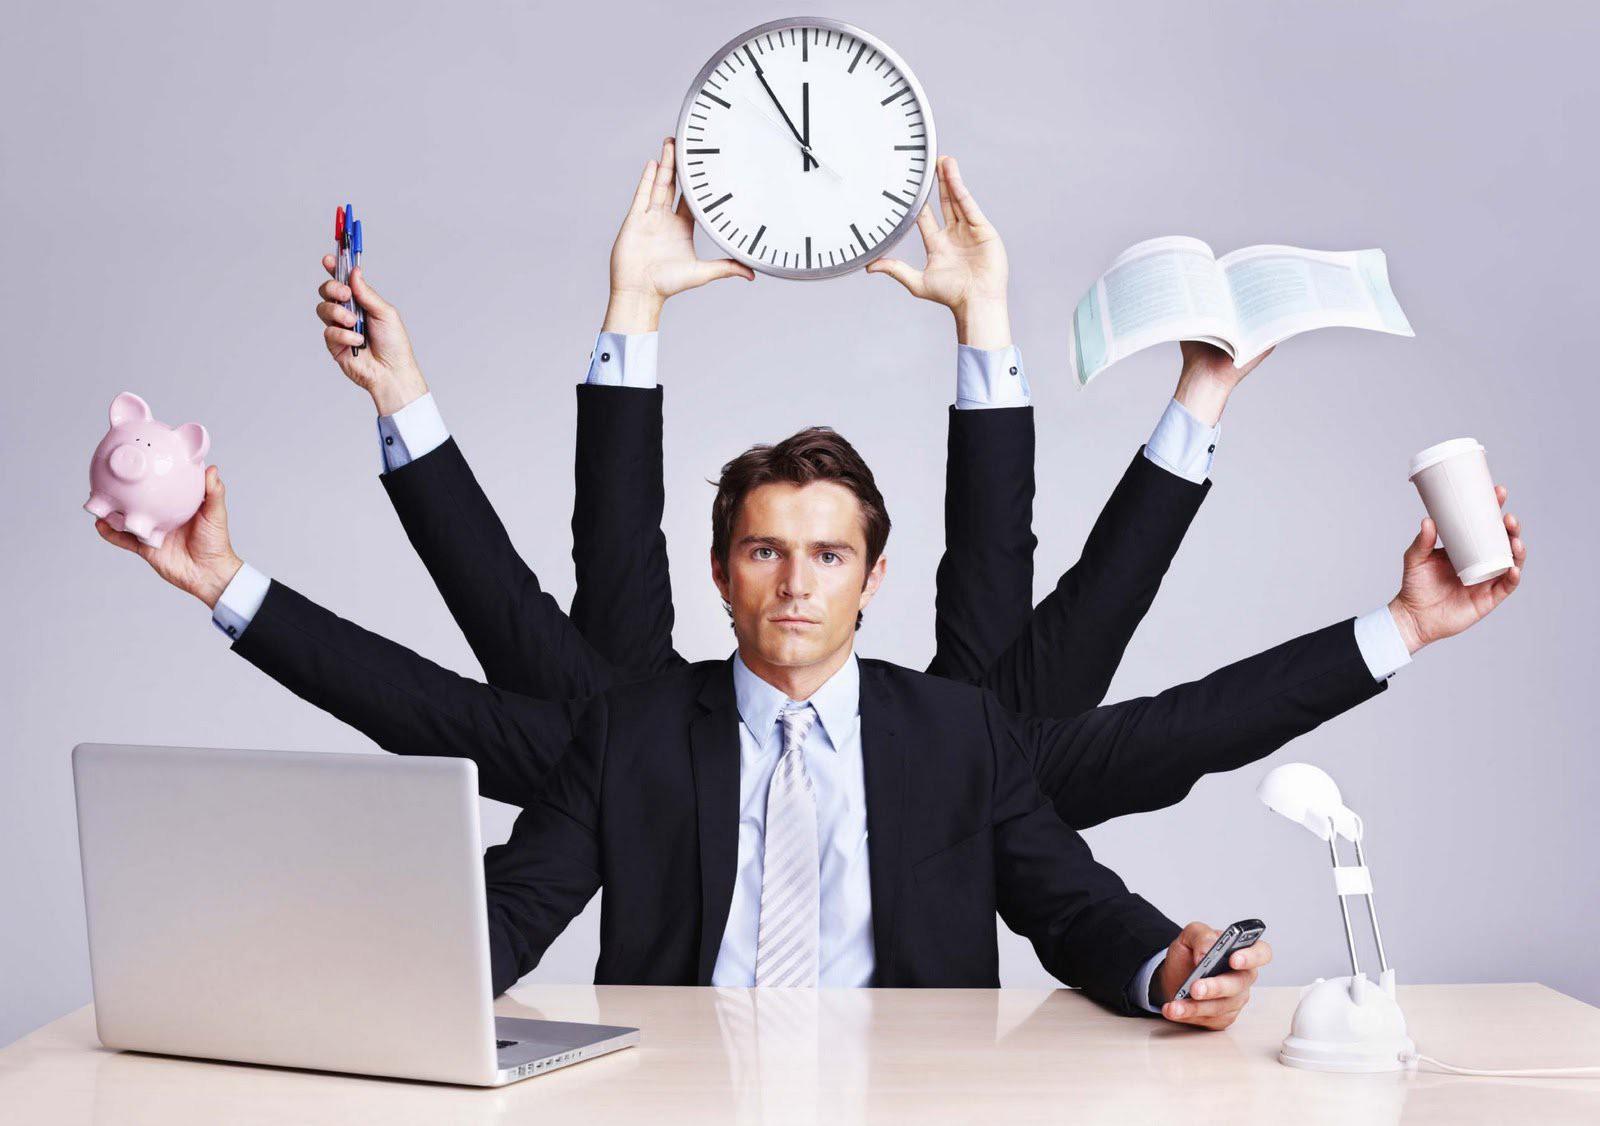 Kiến thức chưng về nhân viên văn phòng bạn cần biết